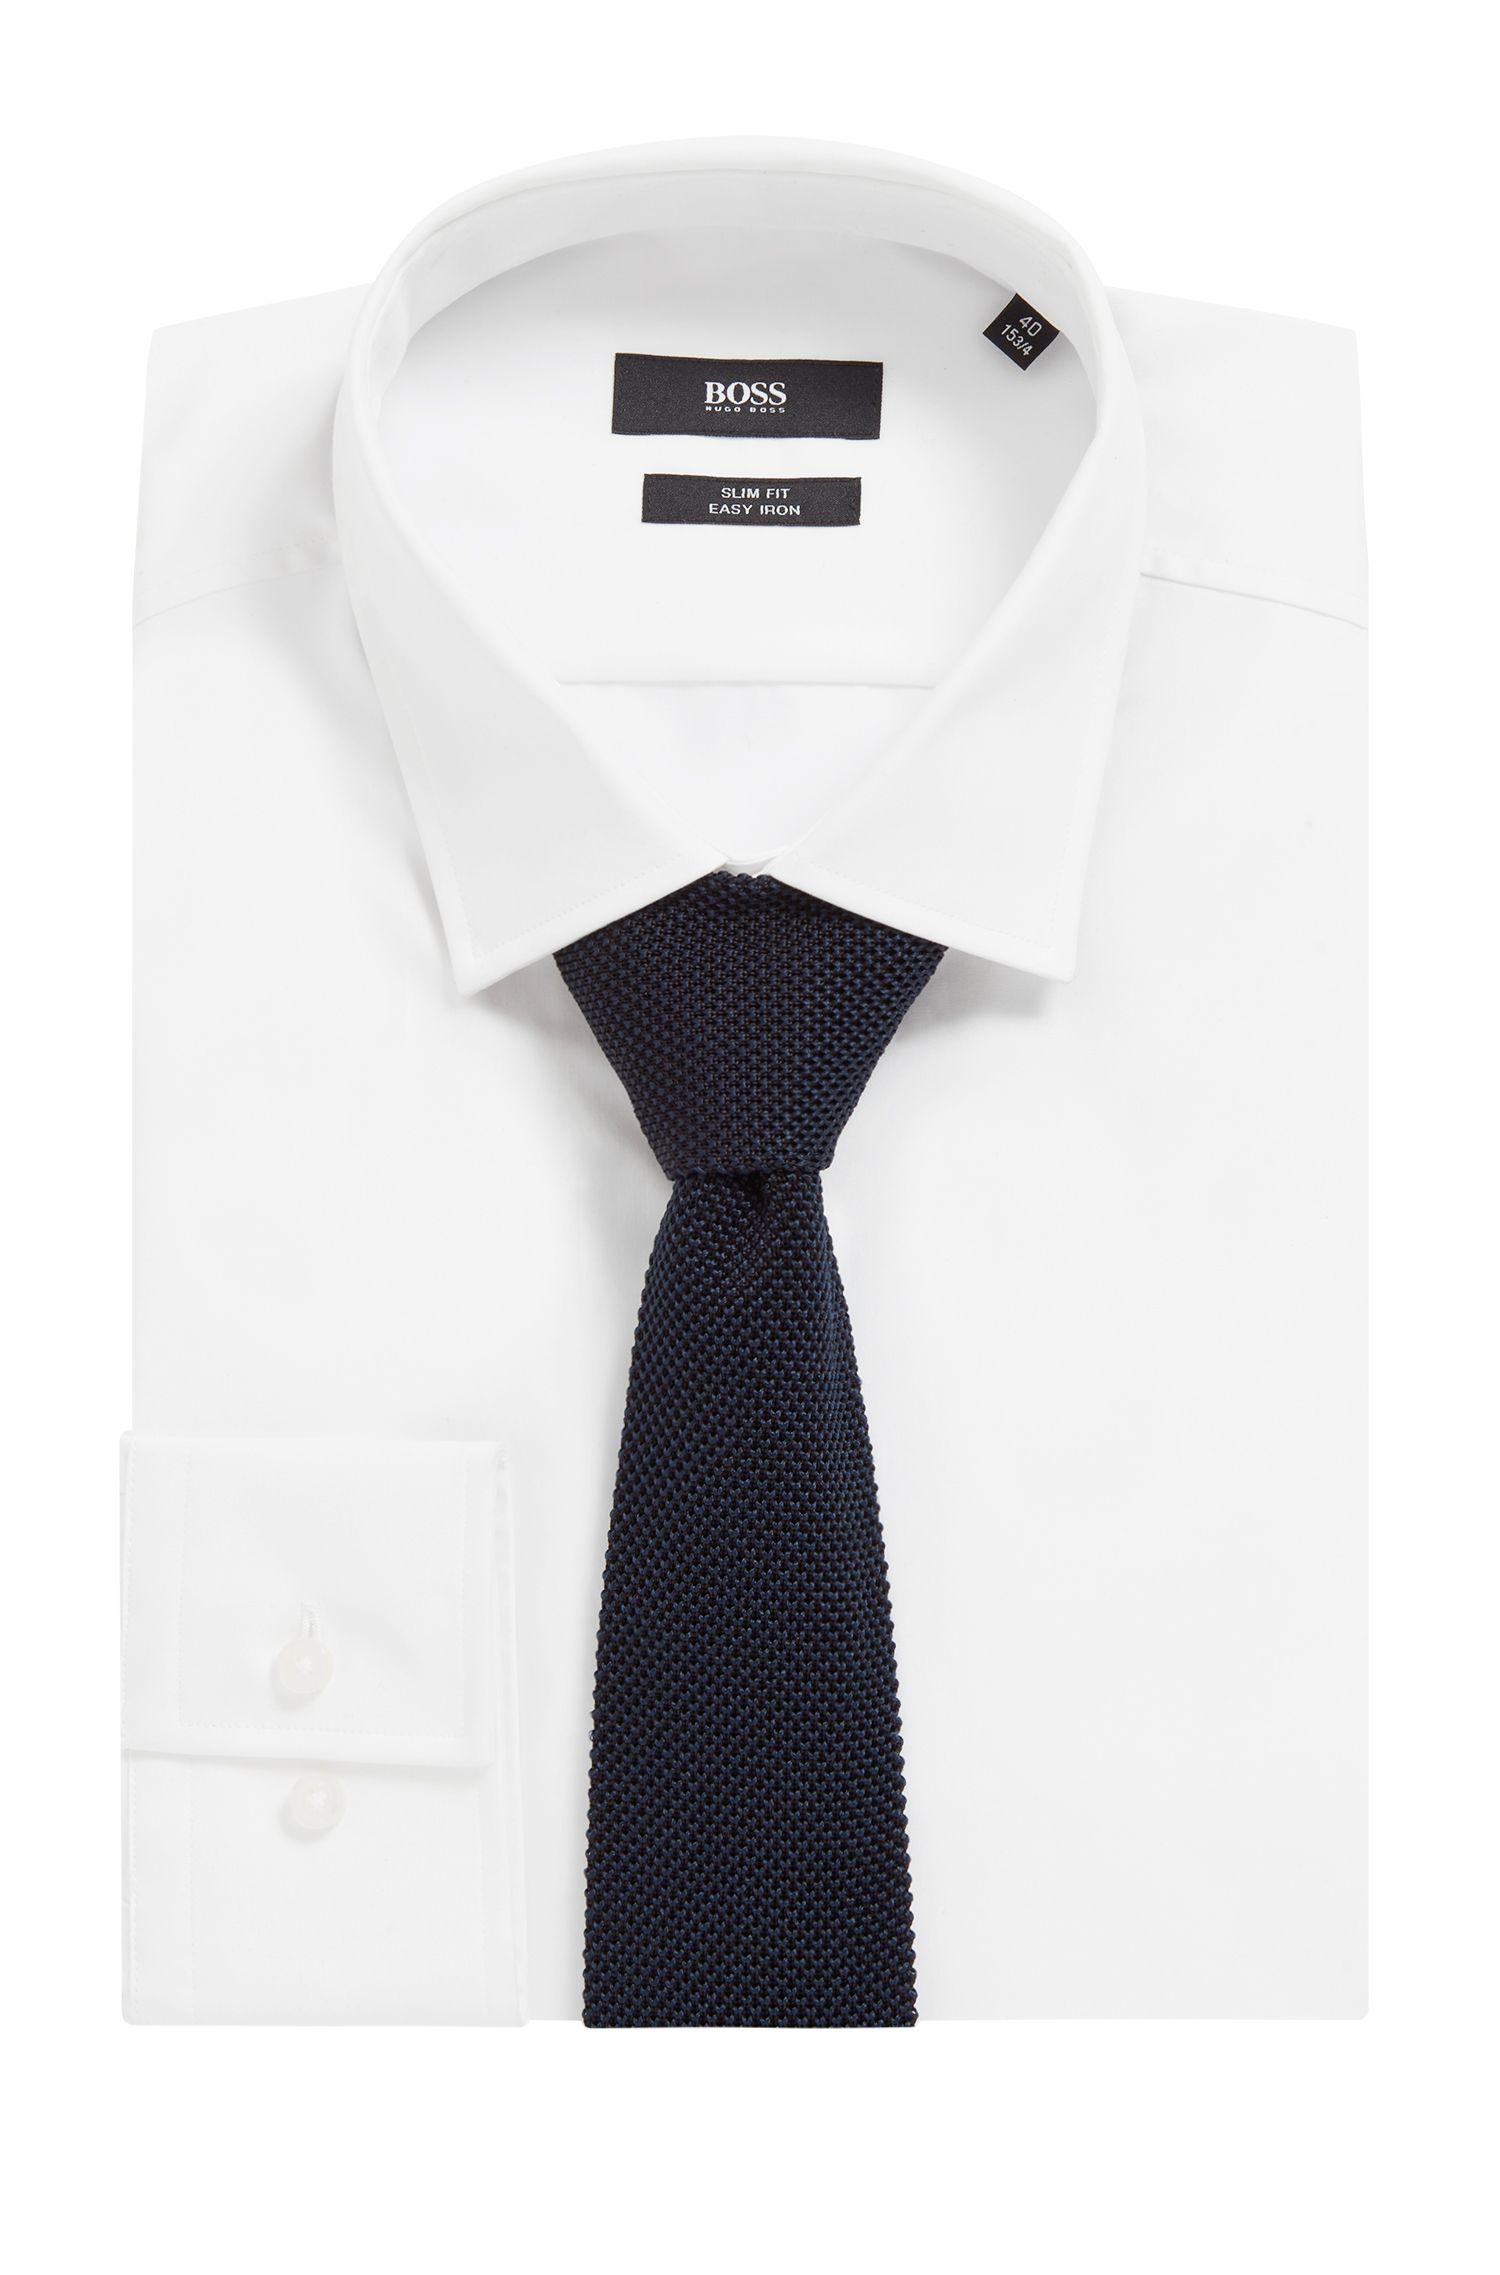 Cravate en maille piquée de soie italienne, Bleu foncé